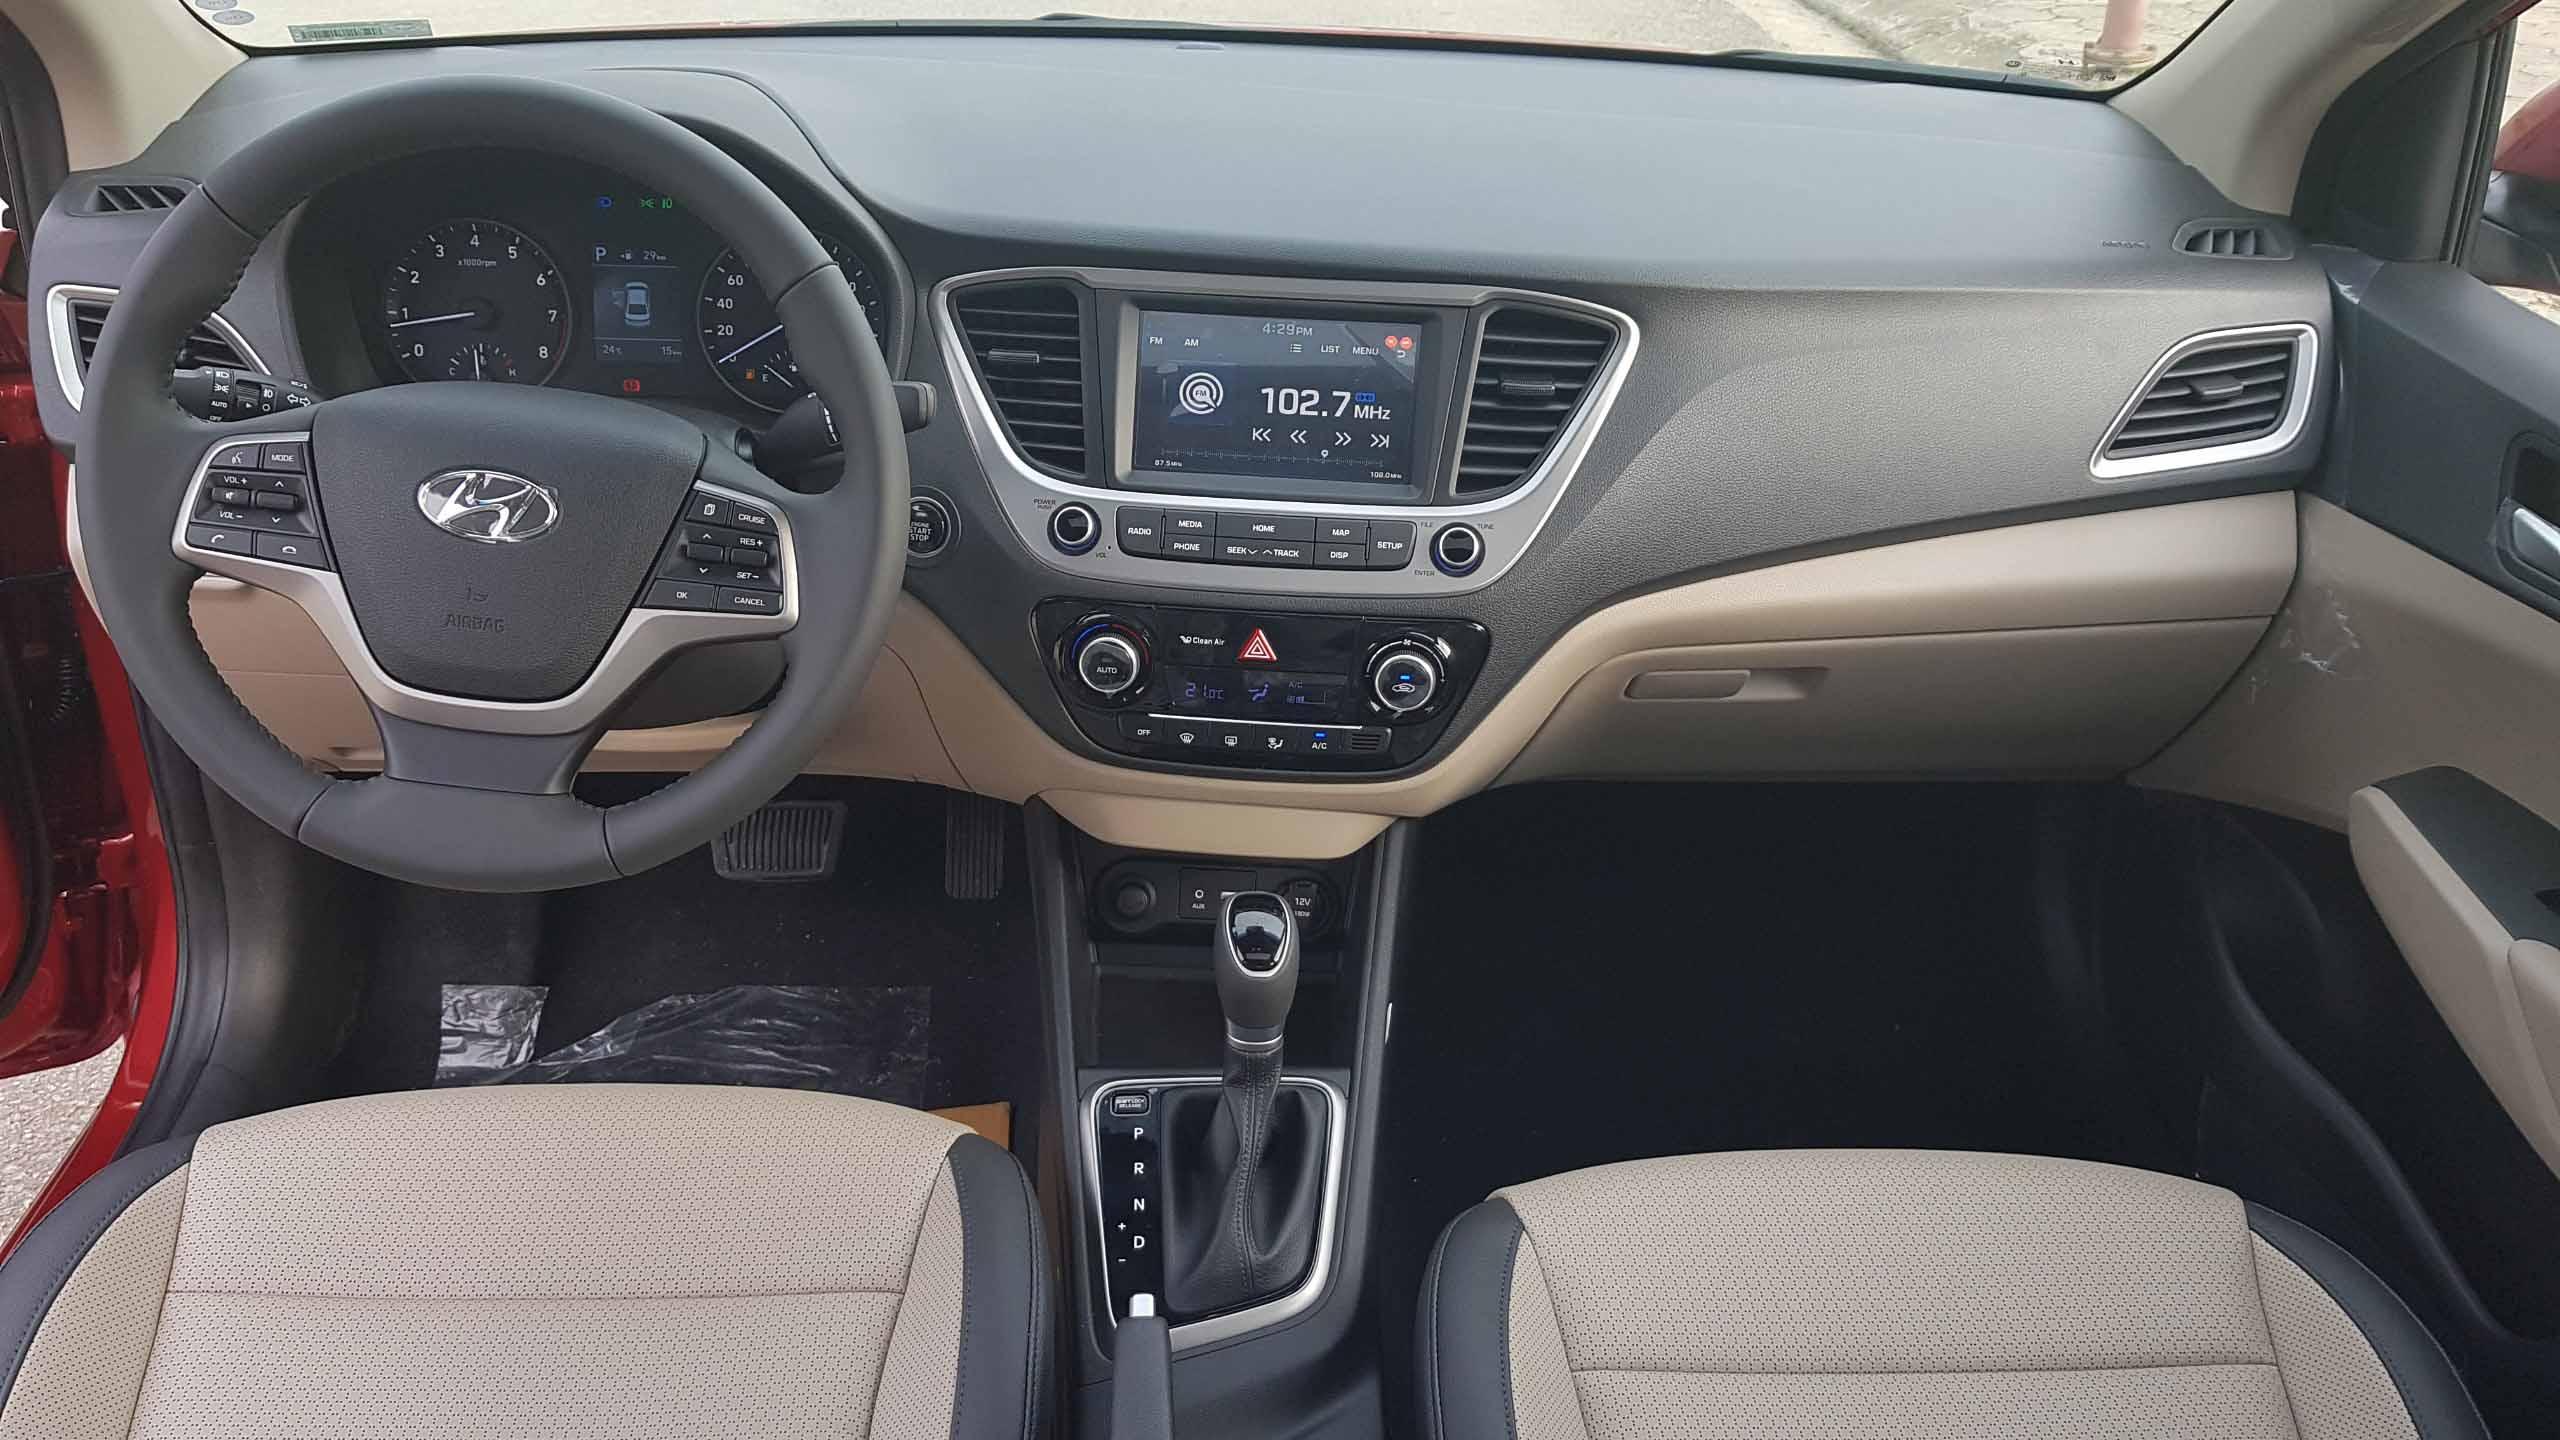 Báo giá Hyundai Accent 1.4 AT bản tiêu chuẩn mới nhất 2019